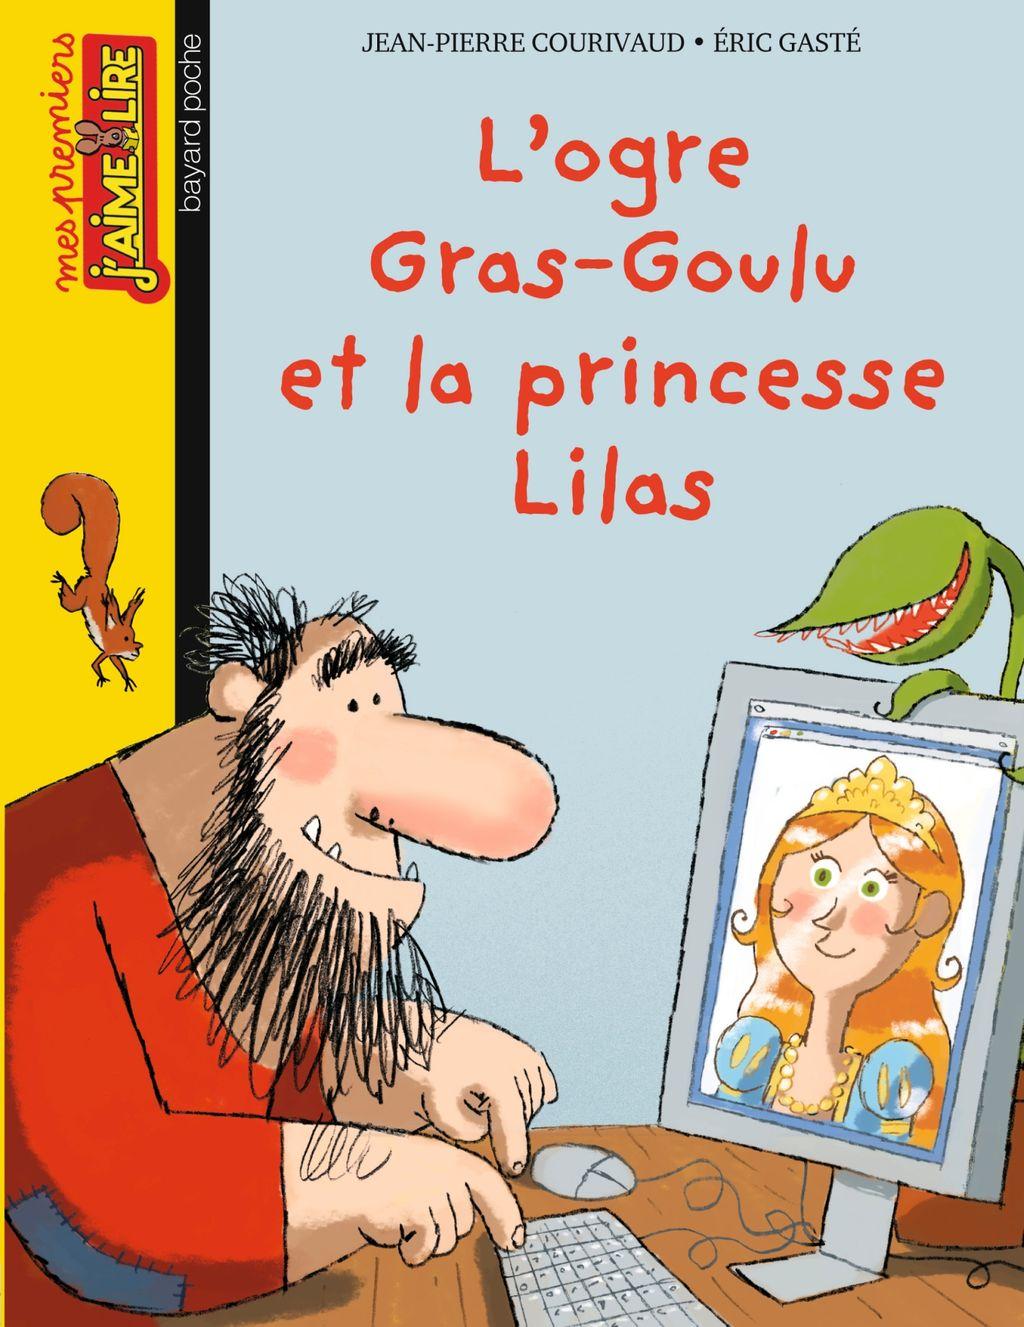 «L'ogre Gras-goulu et la princess Lilas» cover